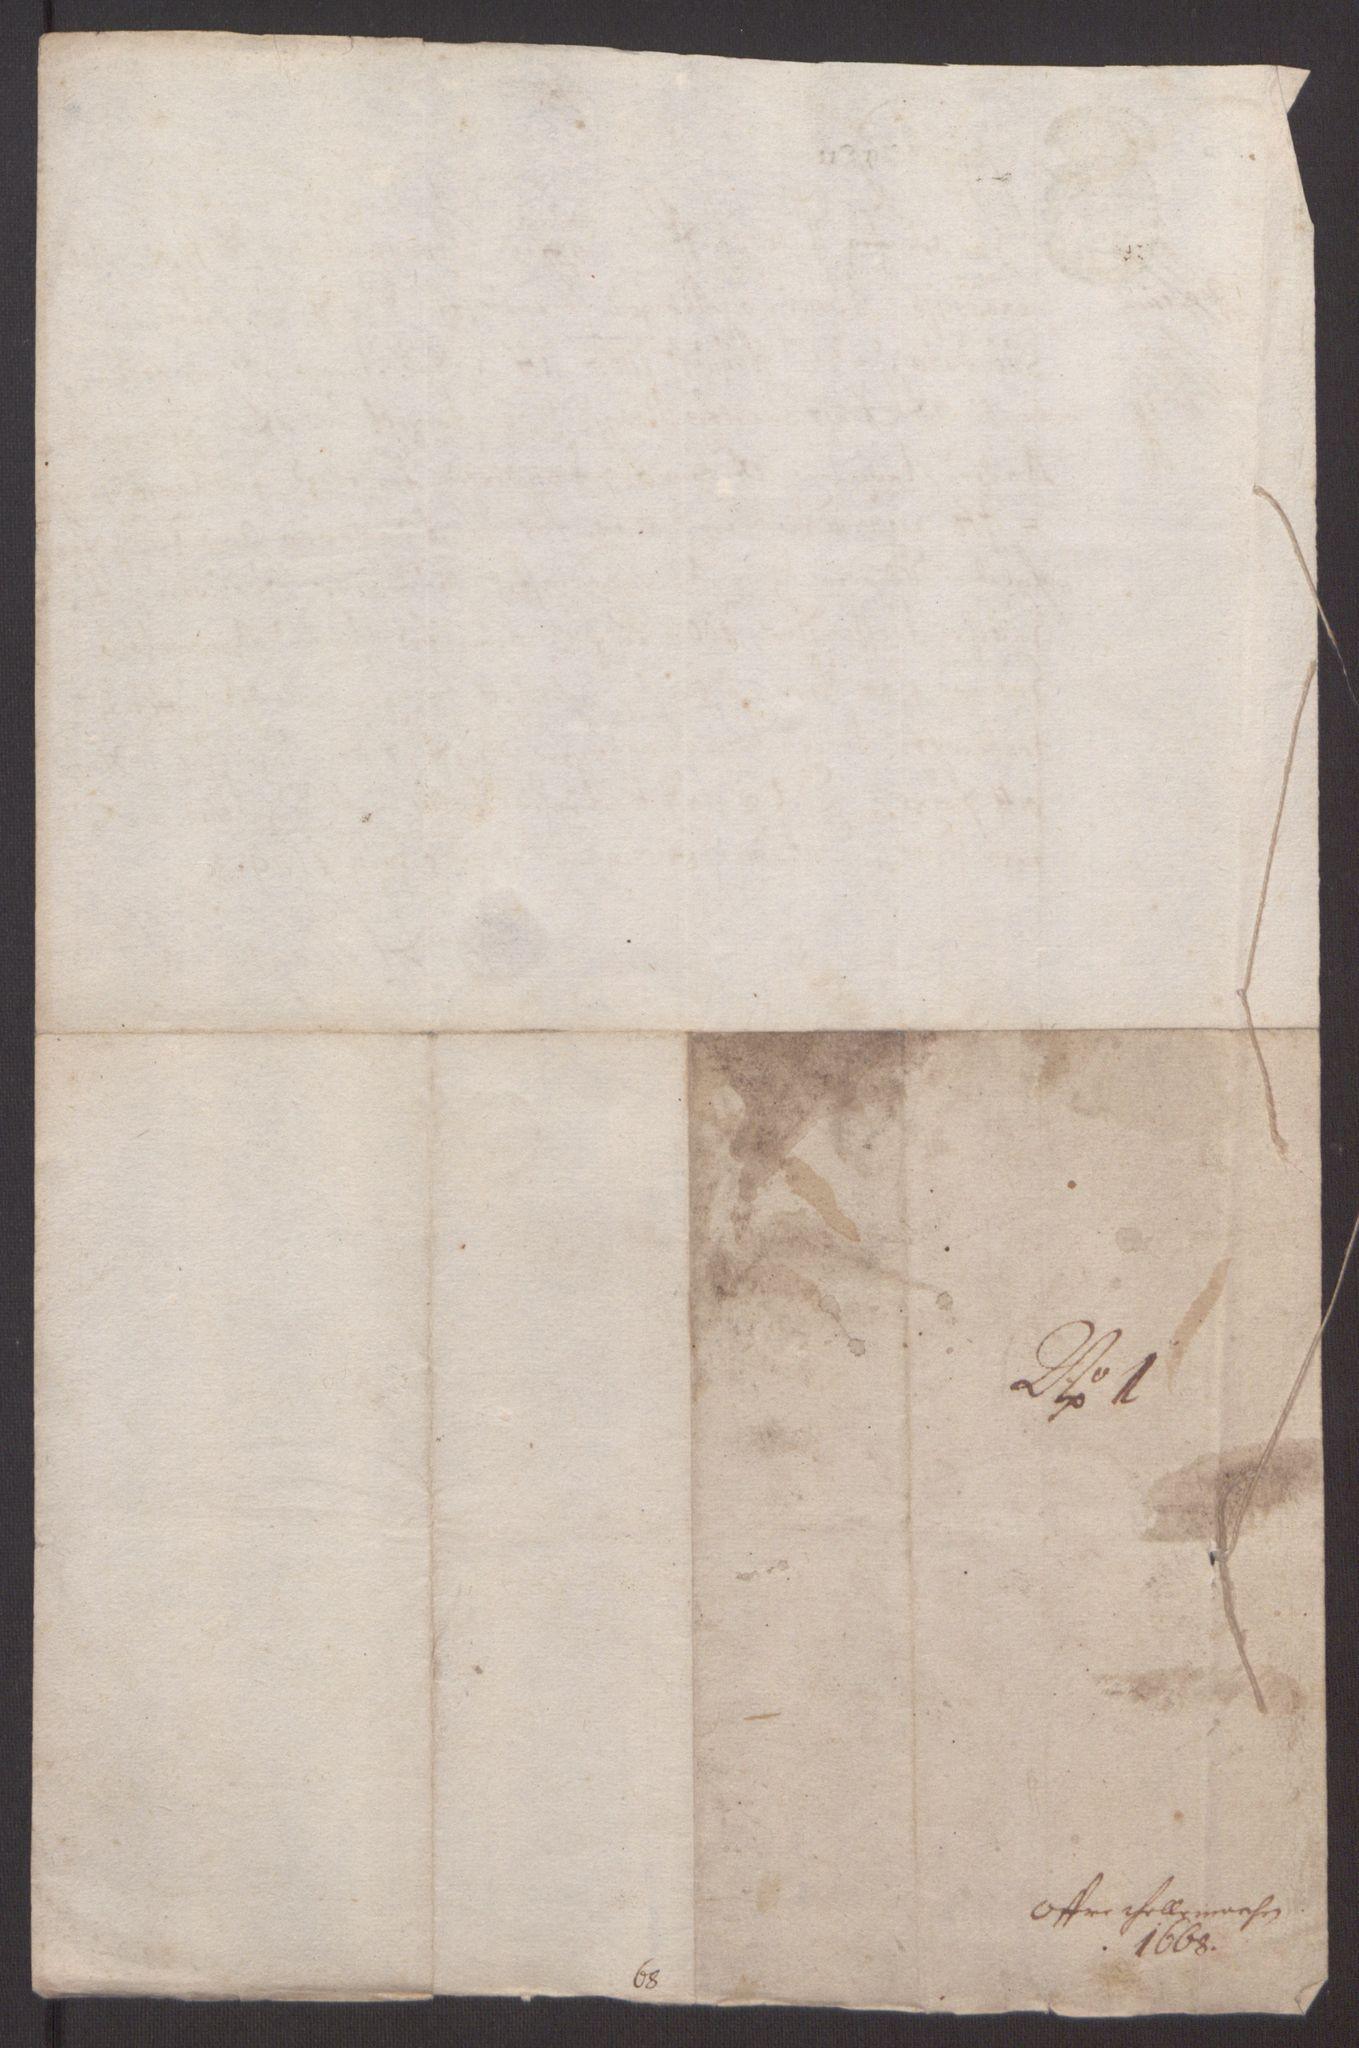 RA, Rentekammeret inntil 1814, Reviderte regnskaper, Fogderegnskap, R35/L2059: Fogderegnskap Øvre og Nedre Telemark, 1668-1670, s. 7